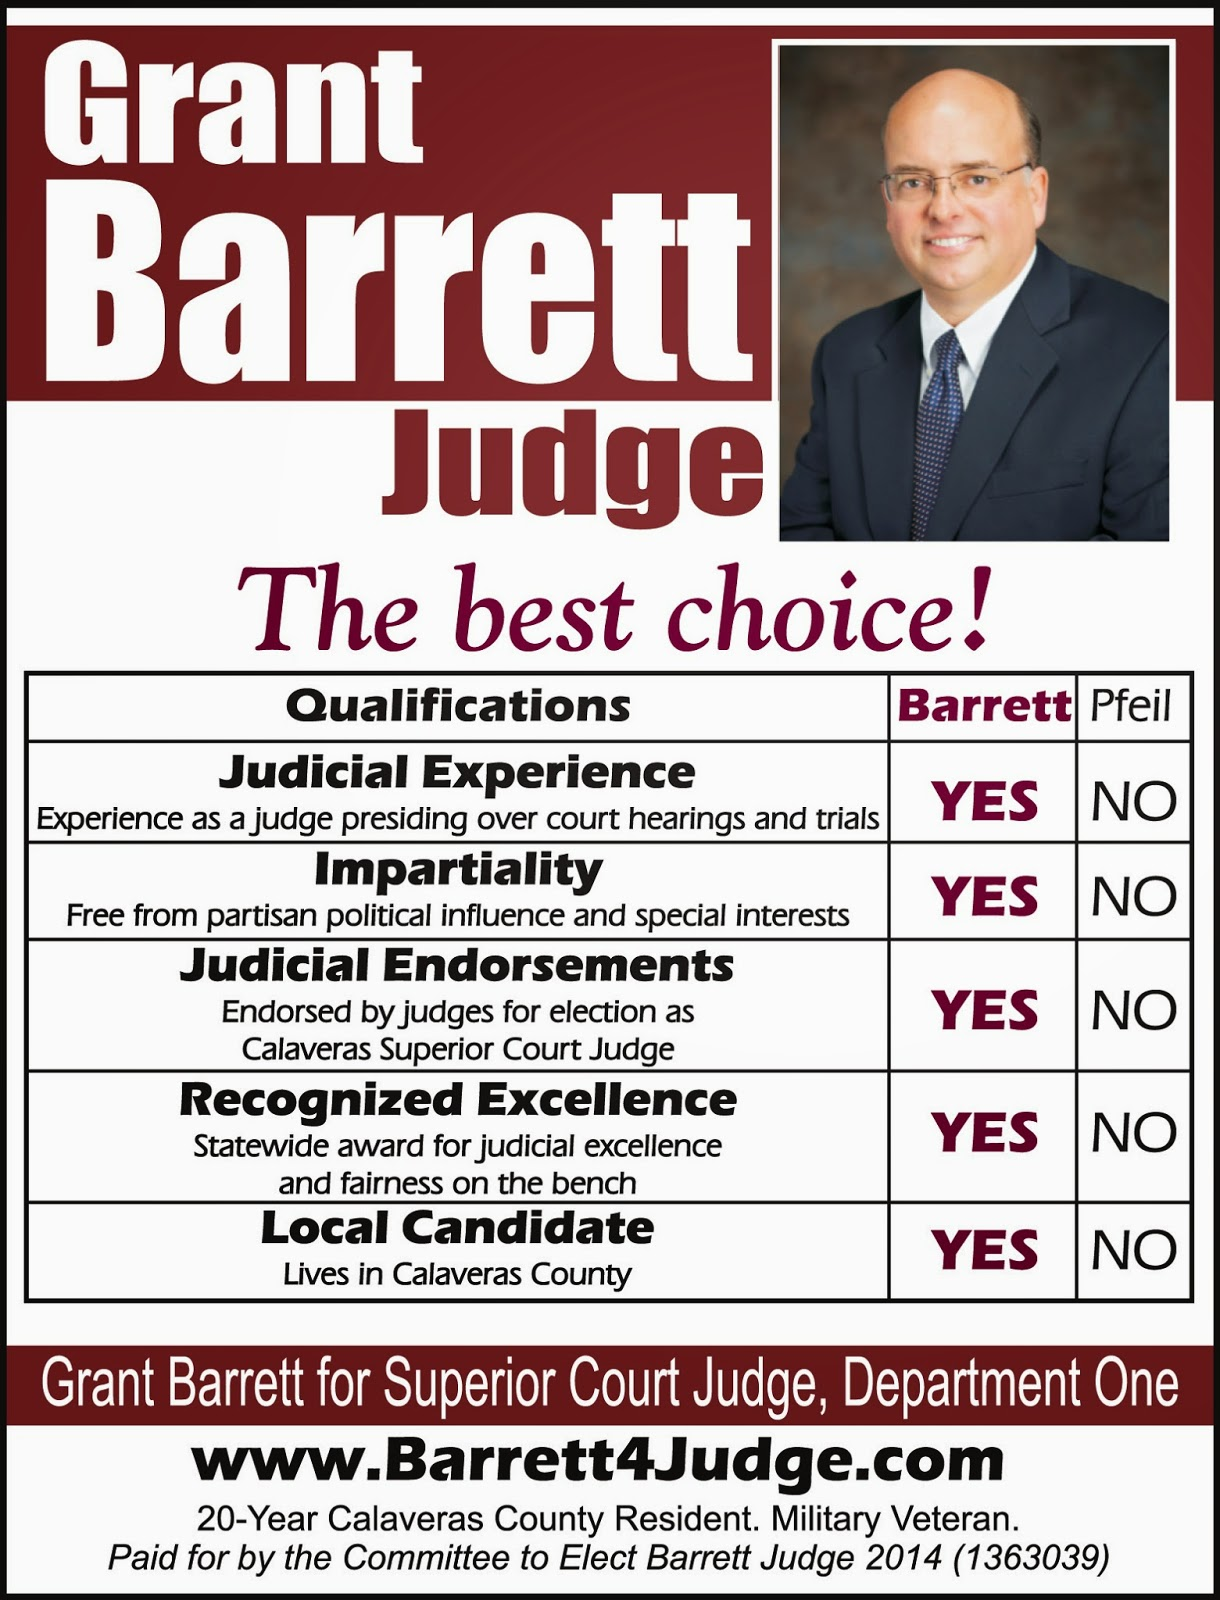 http://www.barrett4judge.com/